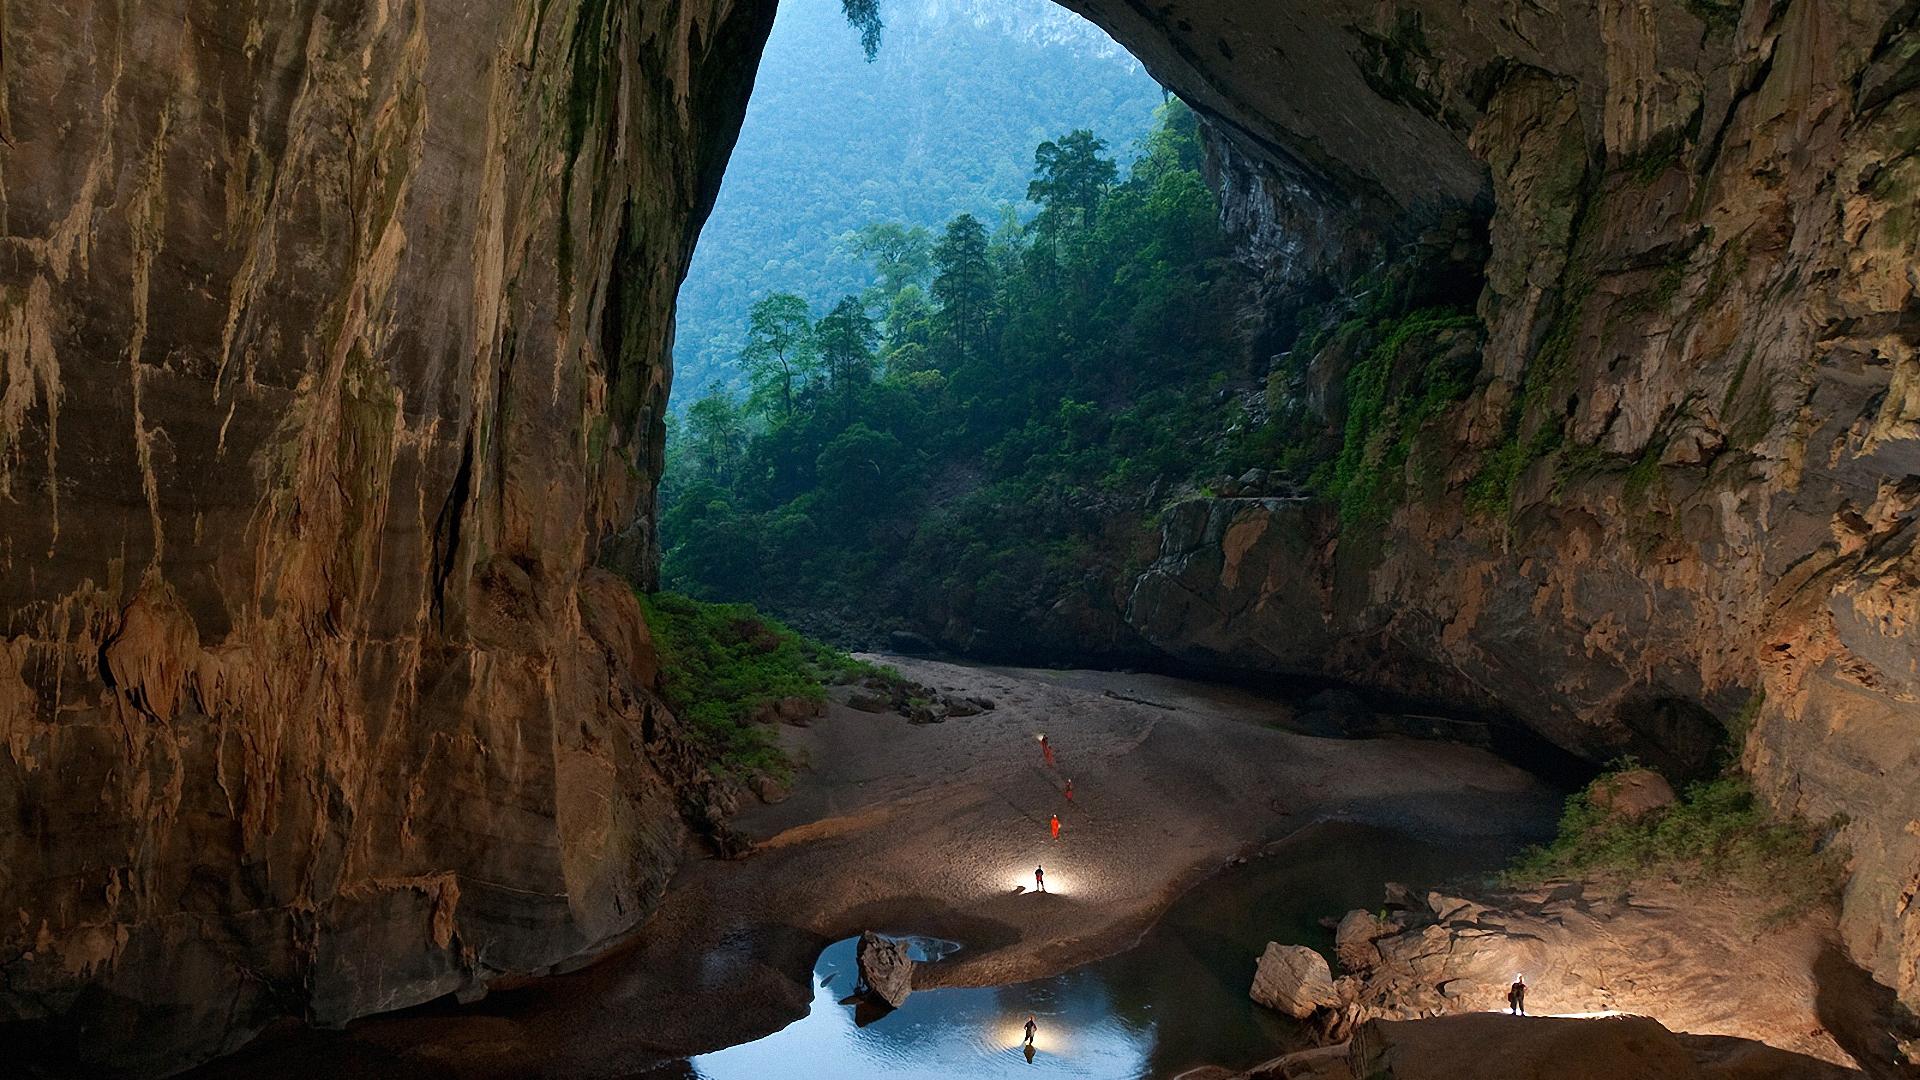 Risultati immagini per Hang Son Doong grotta più grande del mondo